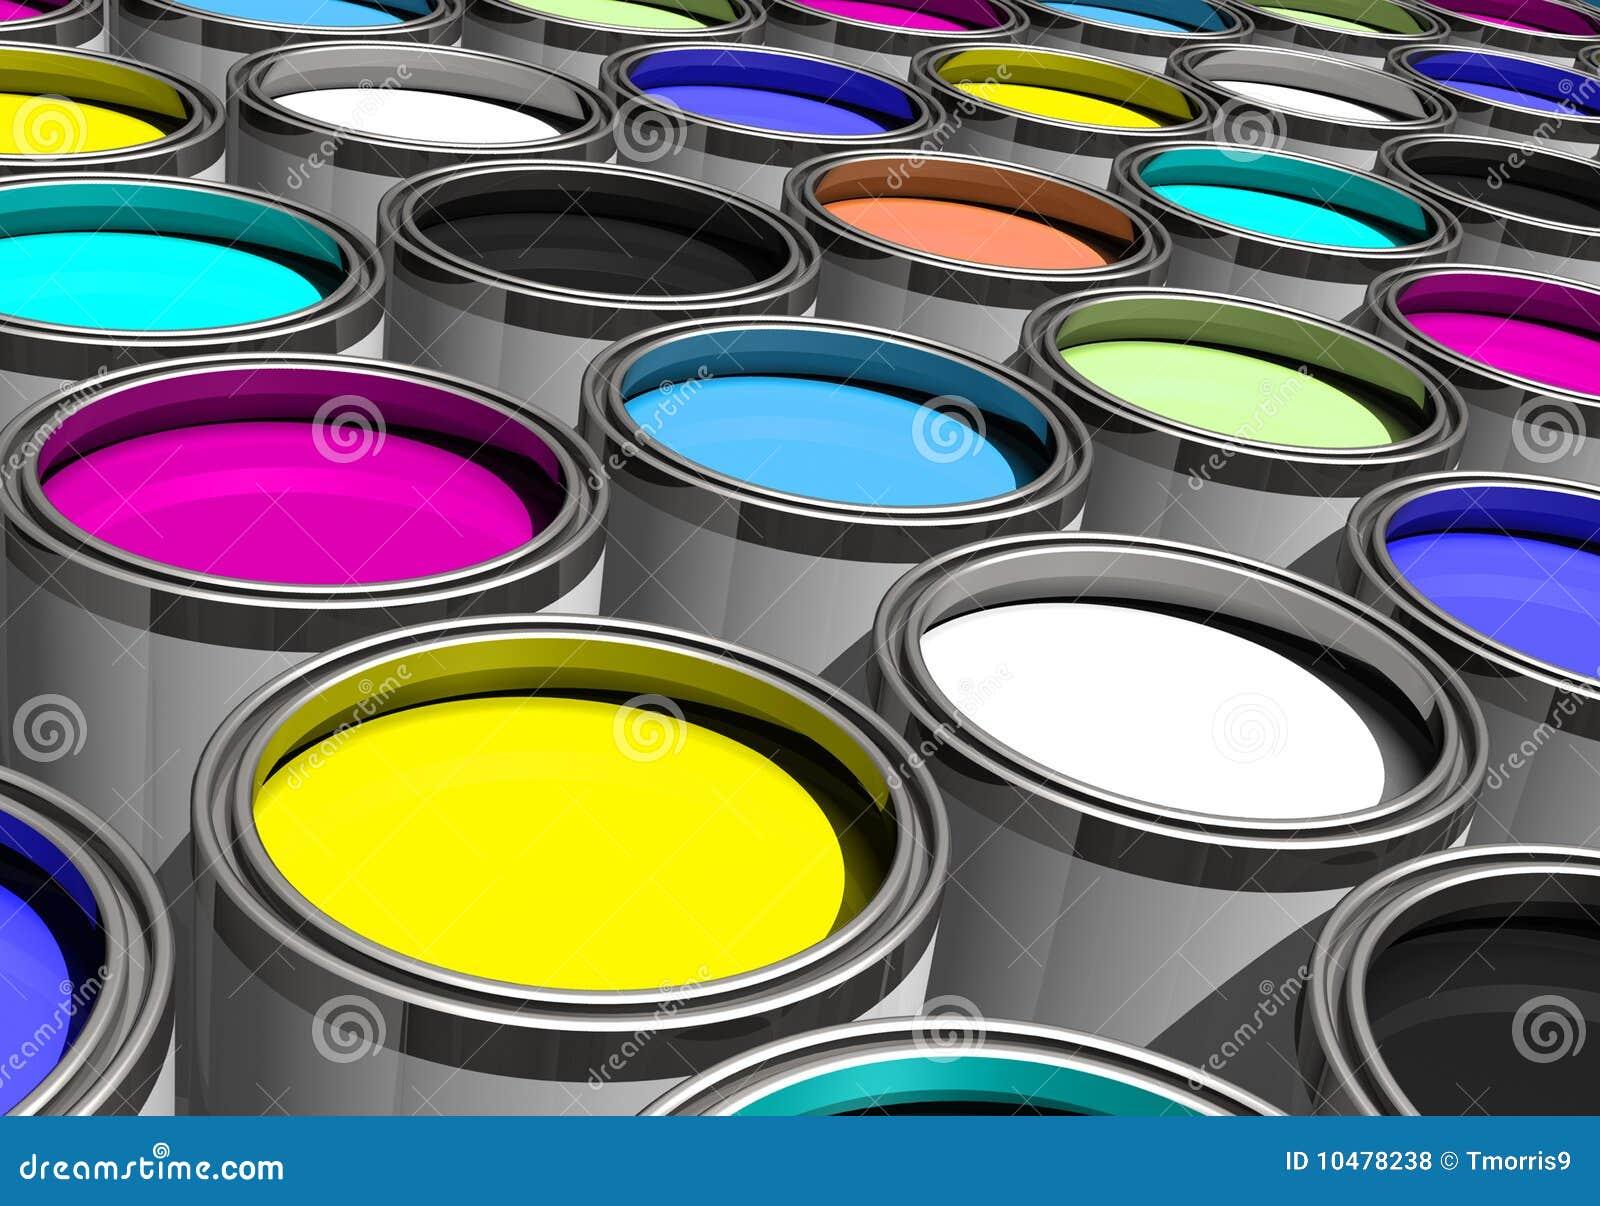 Pinturas de muitas cores inclinadas ilustra o stock for Pinturas bruguer colores